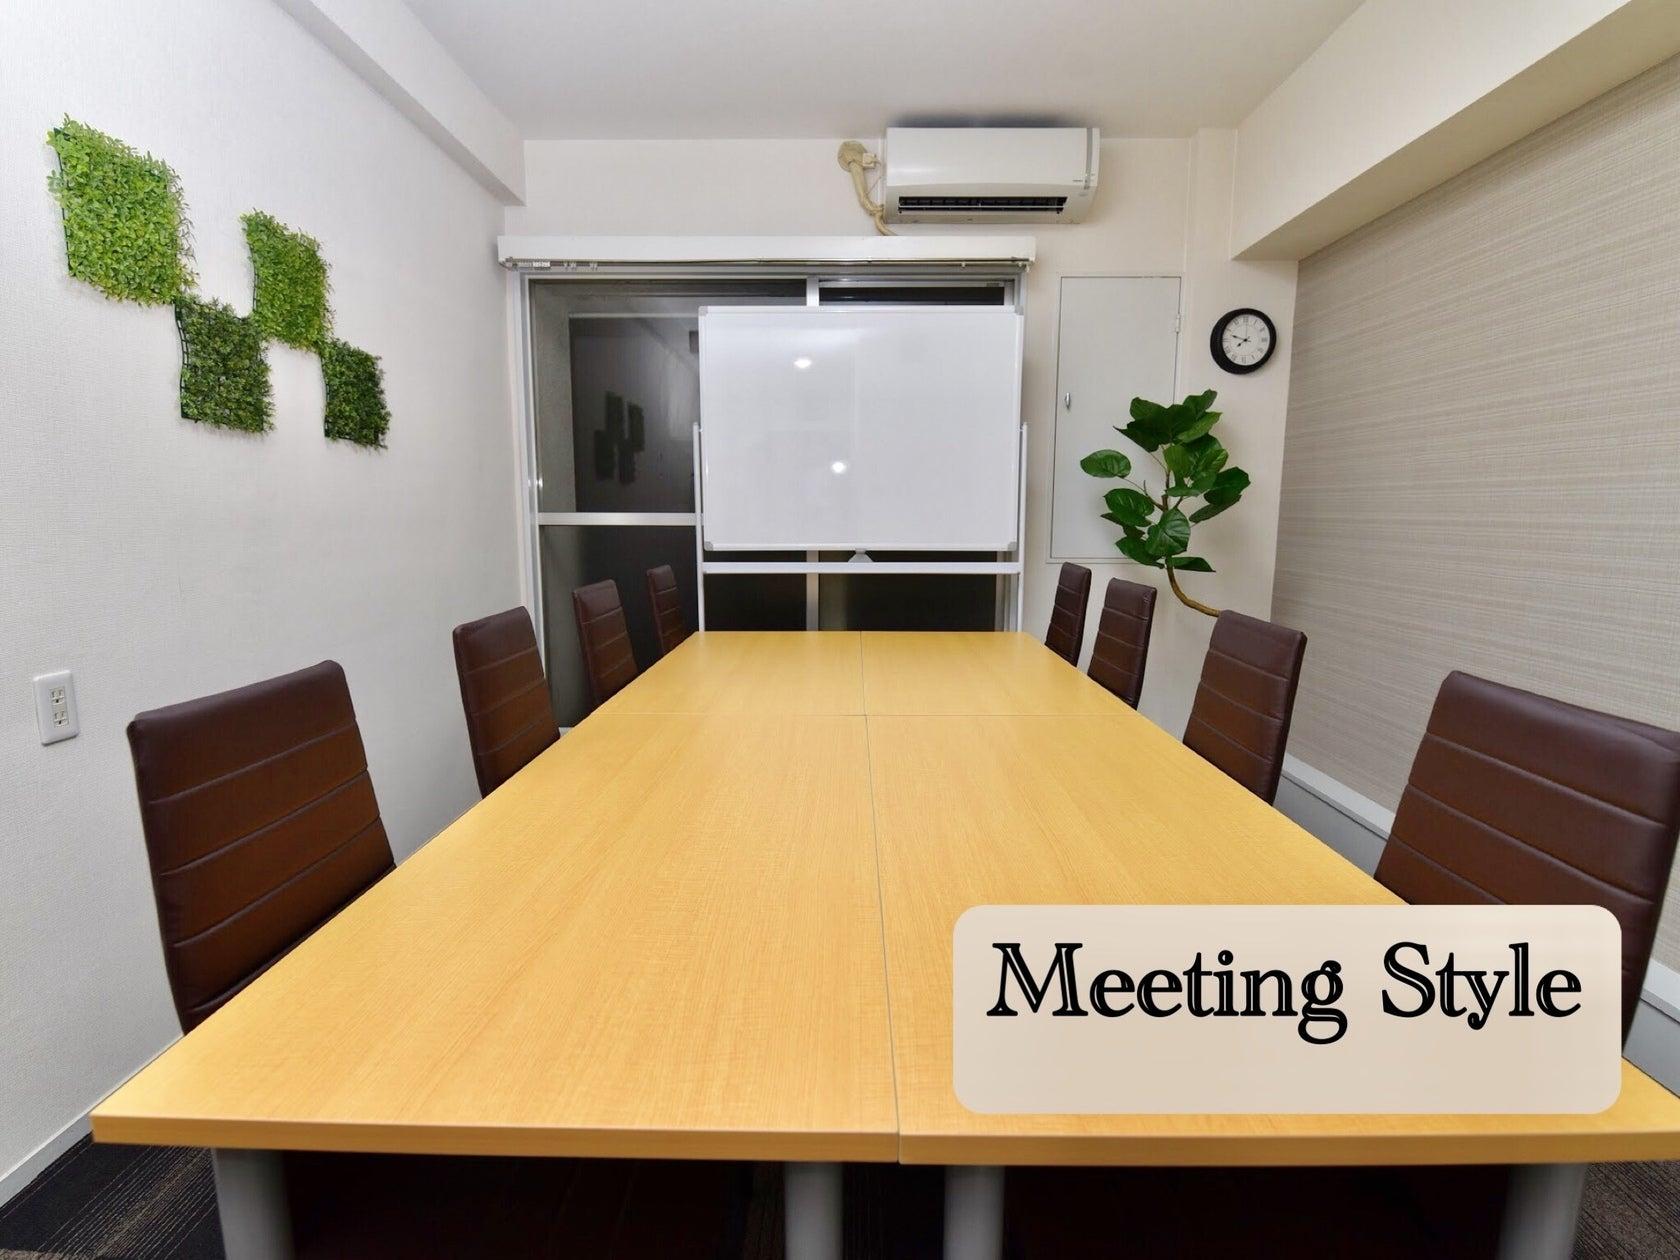 〈エキチカ会議室 ラテ〉名駅徒歩2分/おしゃれな空間/プロジェクター無料/10名収容 の写真